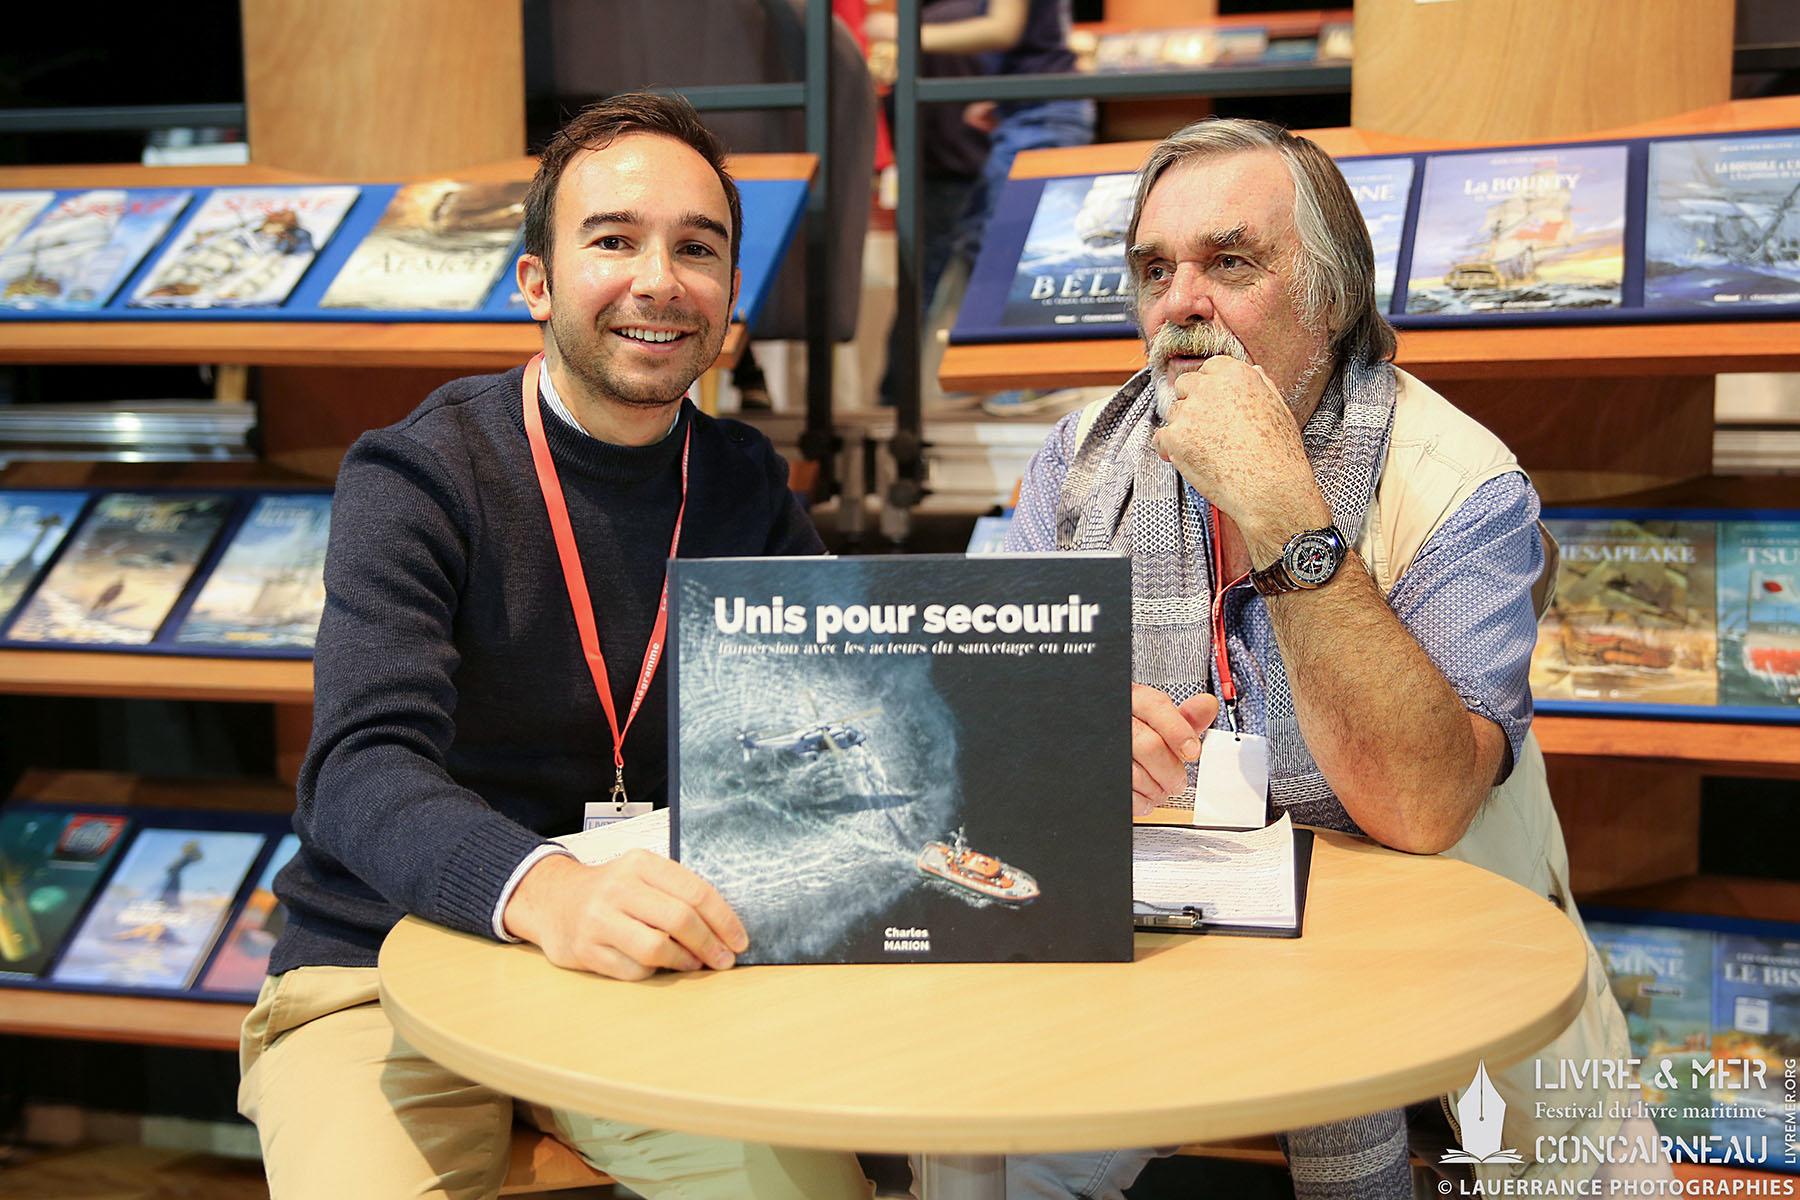 Charles Marion & Patrice Lemonnier © Lauerrance Photographies